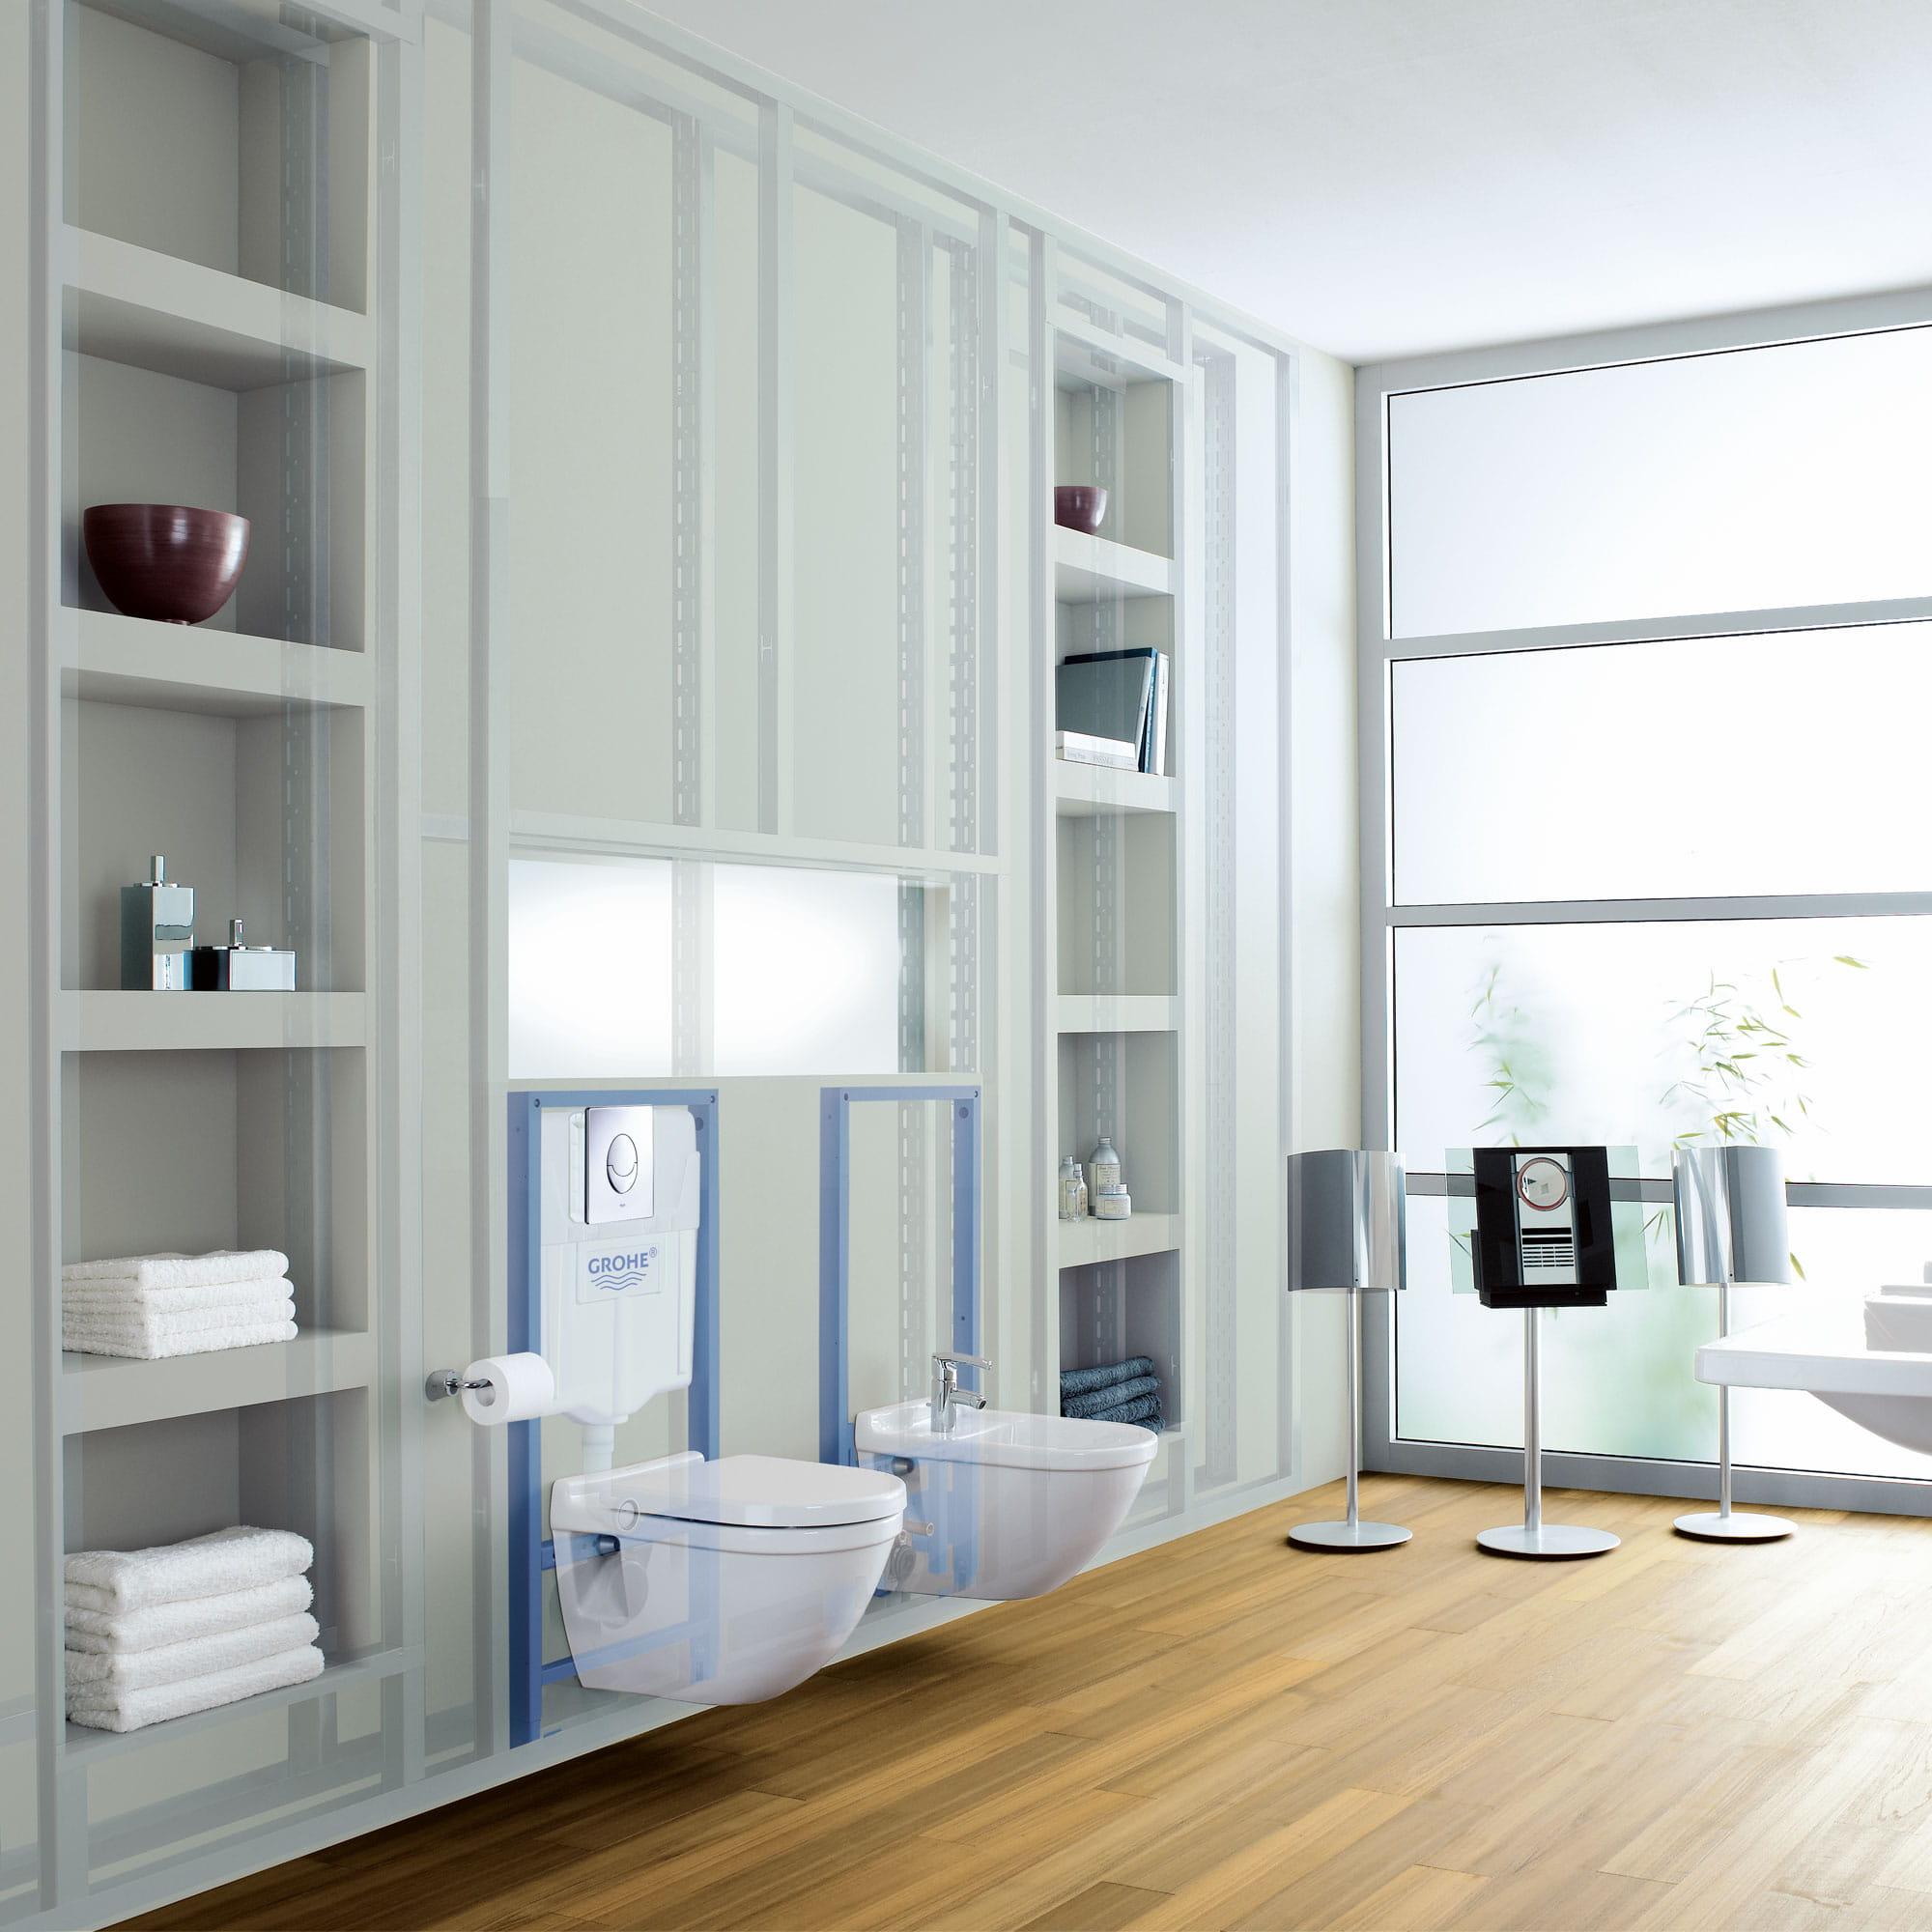 Salle de bain avec deux toilettes accrochées au mur.